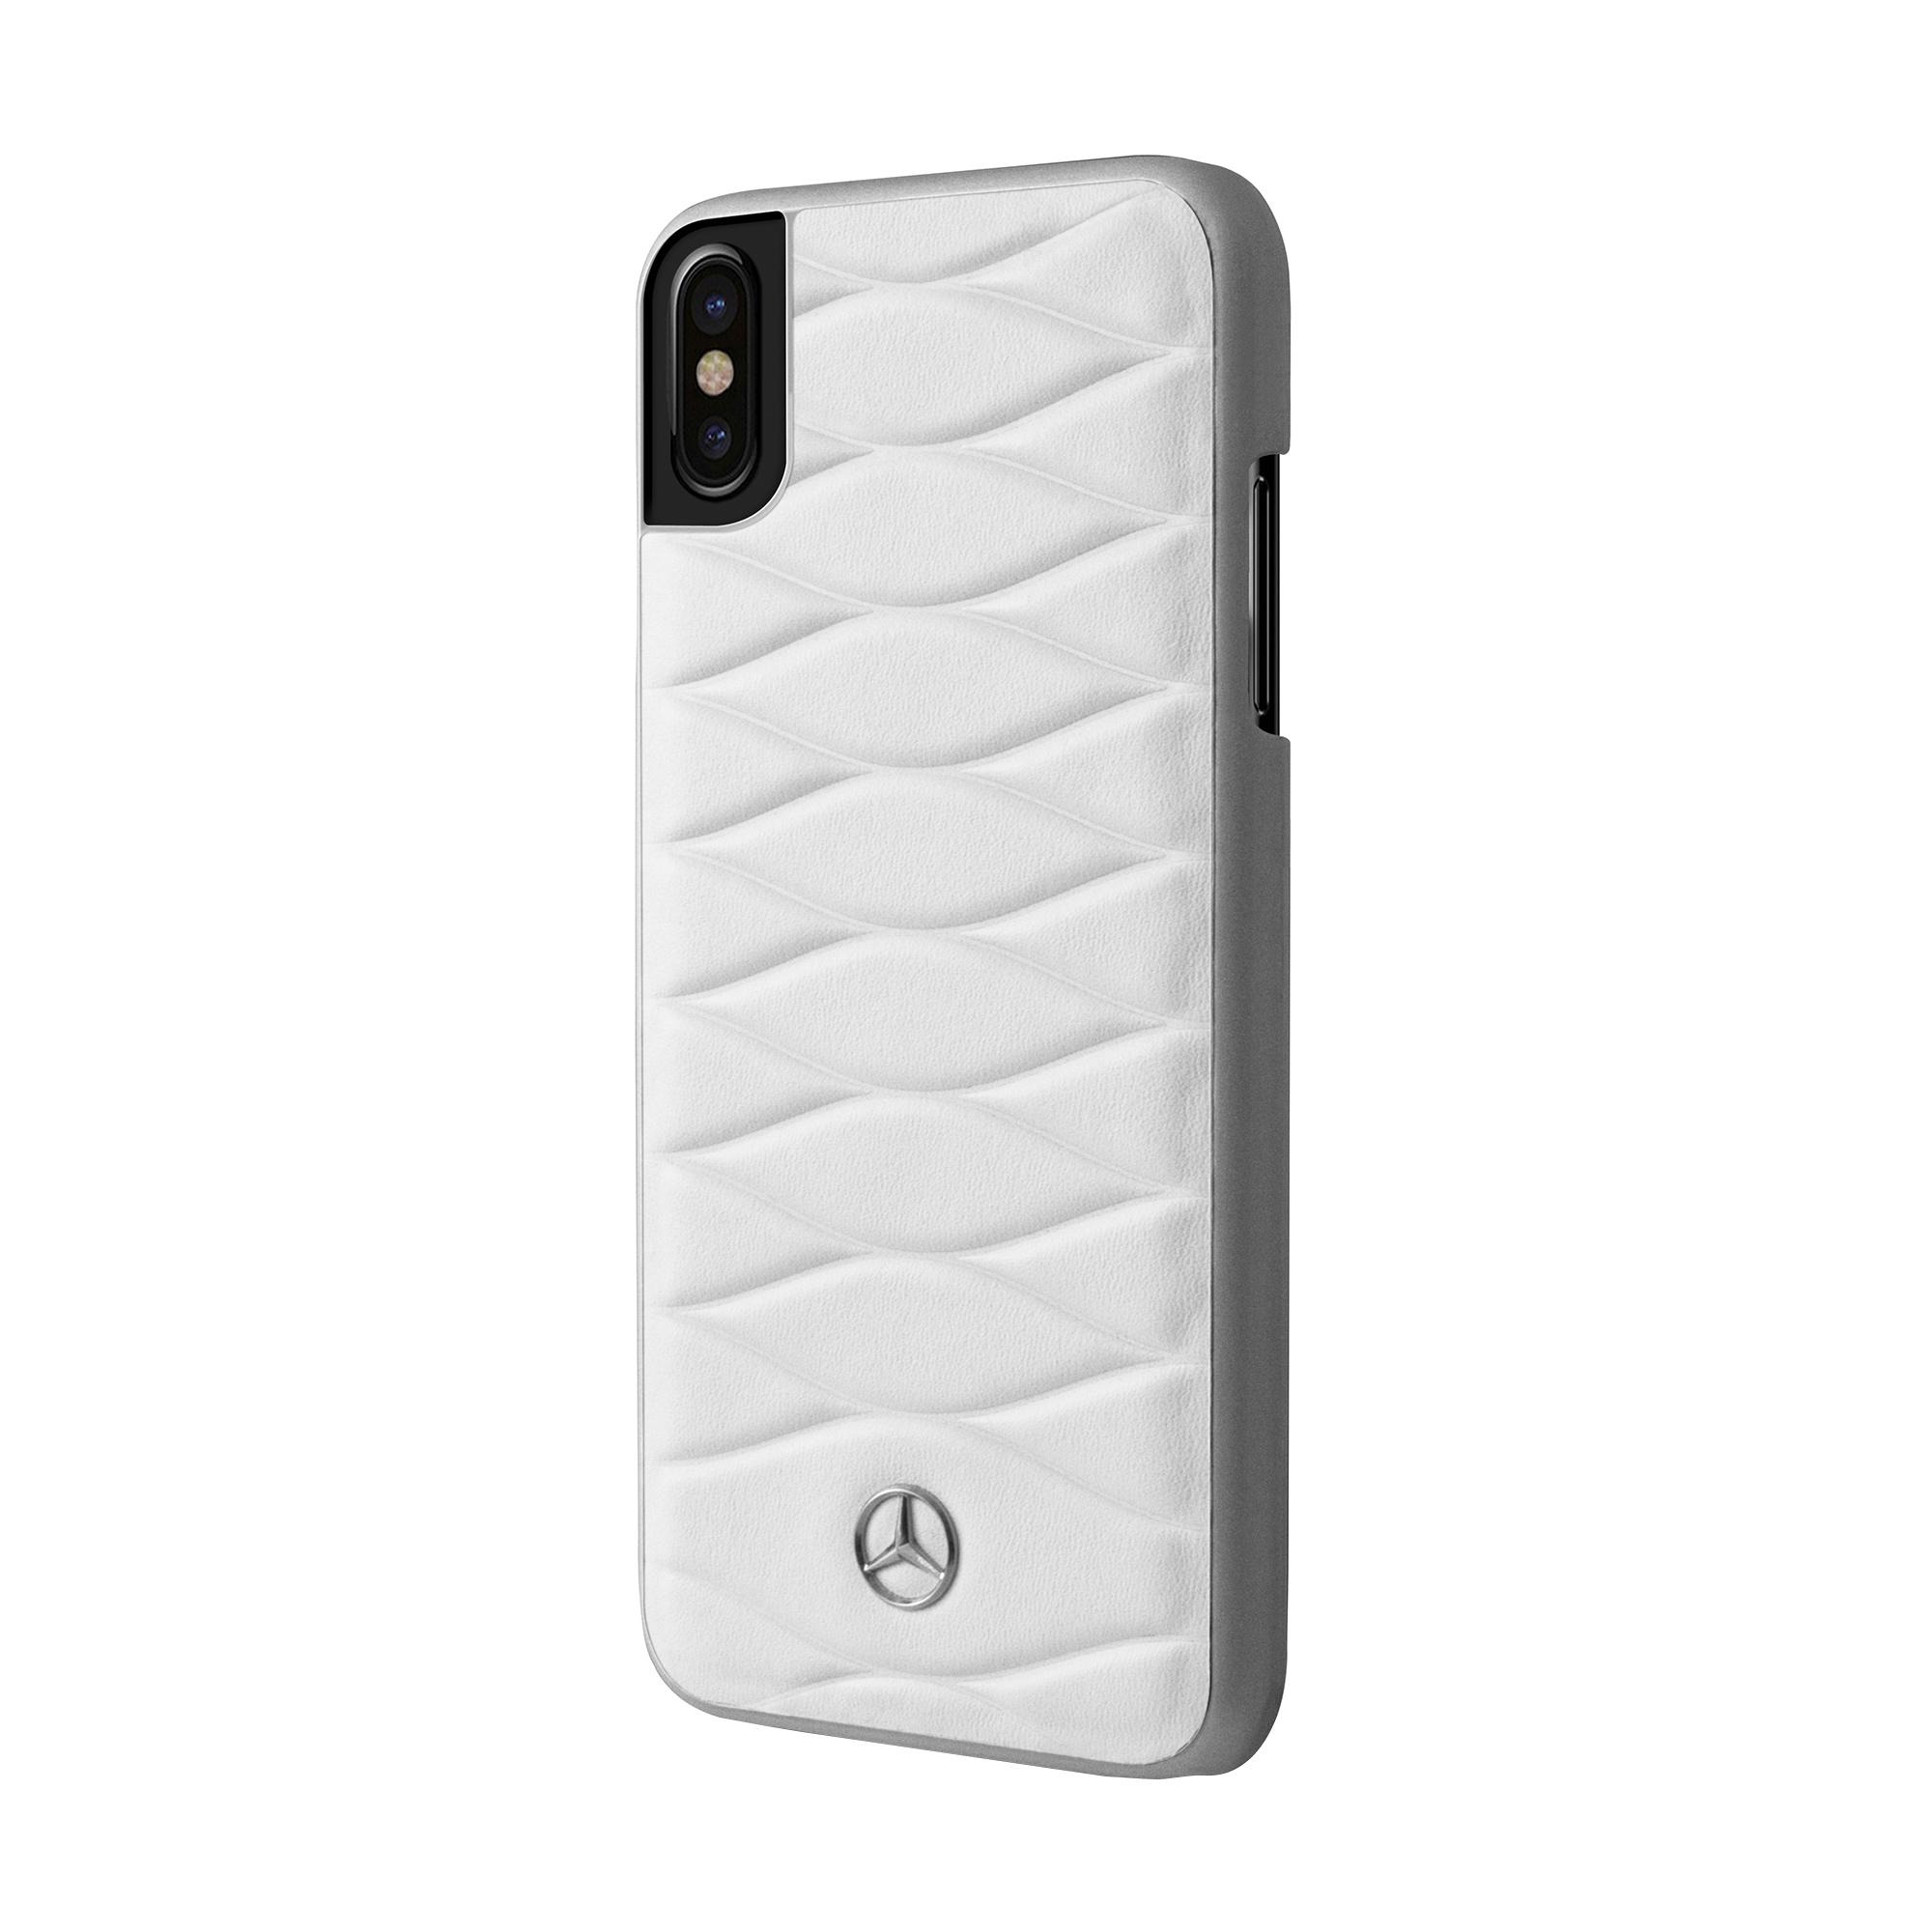 big sale c2a8b 12422 Mercedes Benz Genuine Leather iPhone Hard Case - 5.8 Inch Screen ...